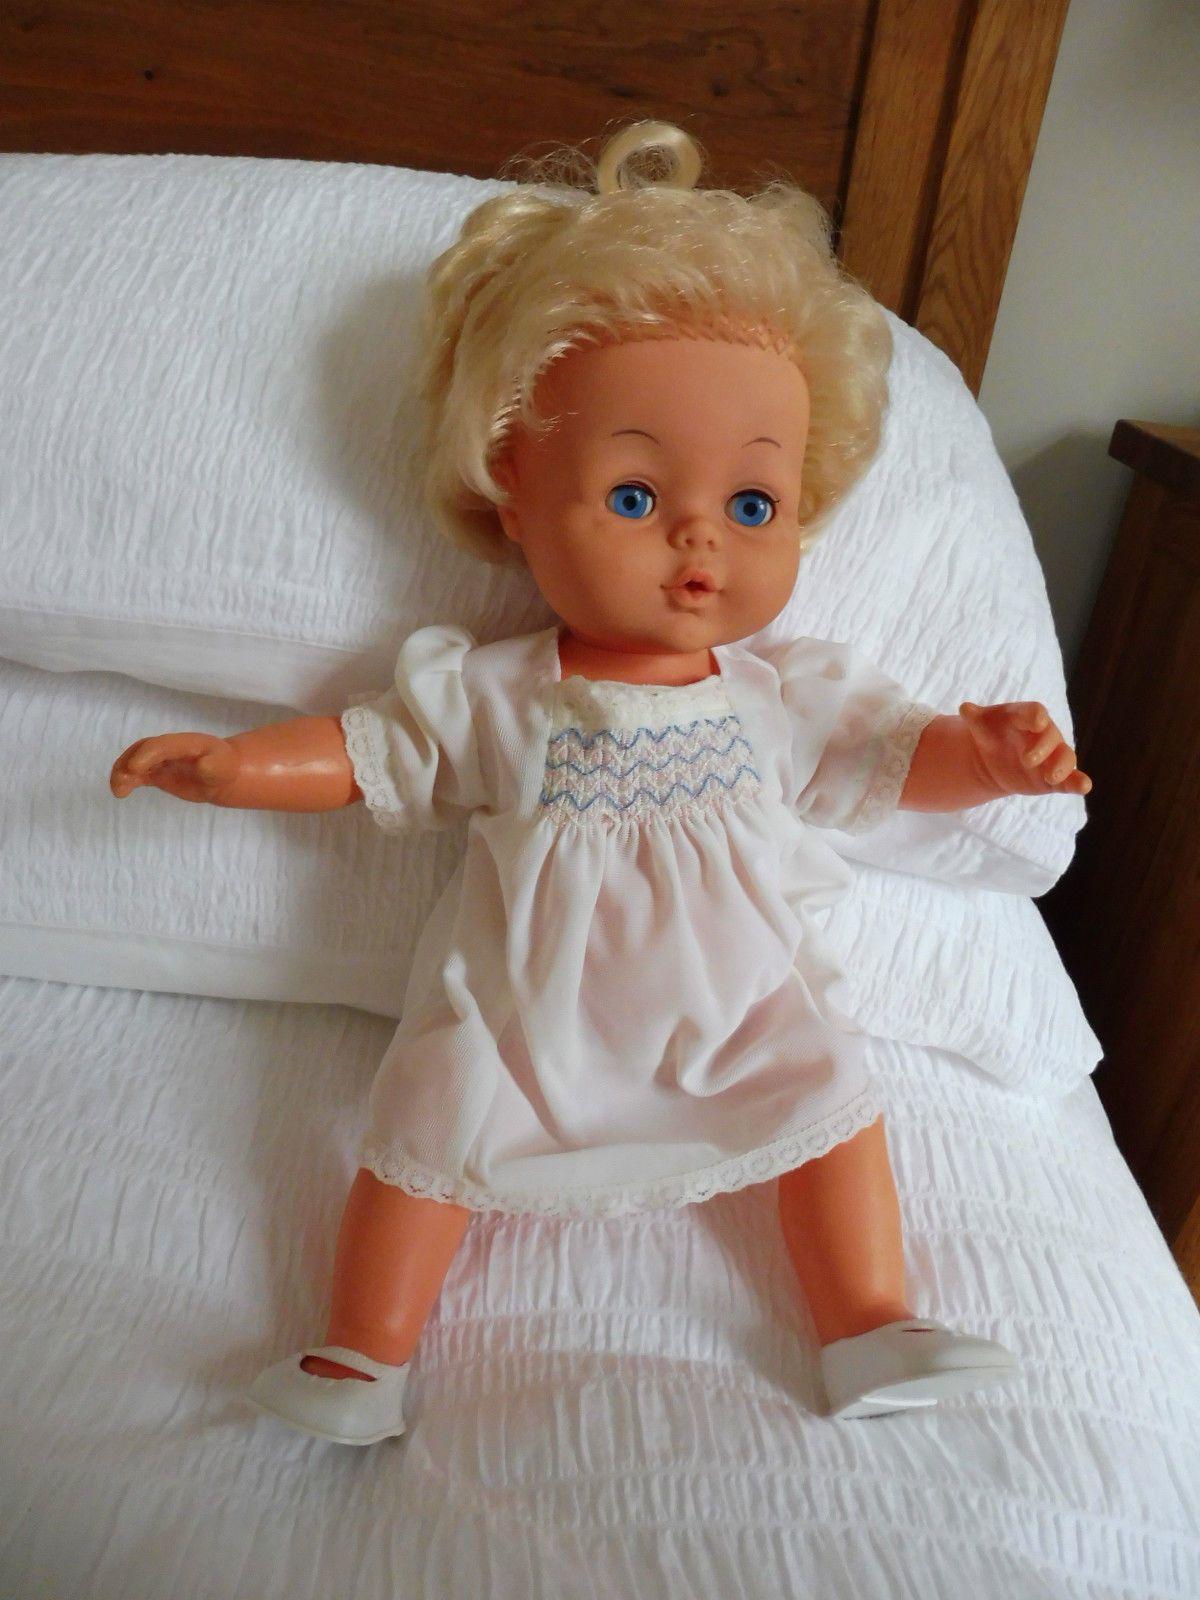 4036aa7264e4 1976 Palitoy Tiny Tears 16H doll - original dress